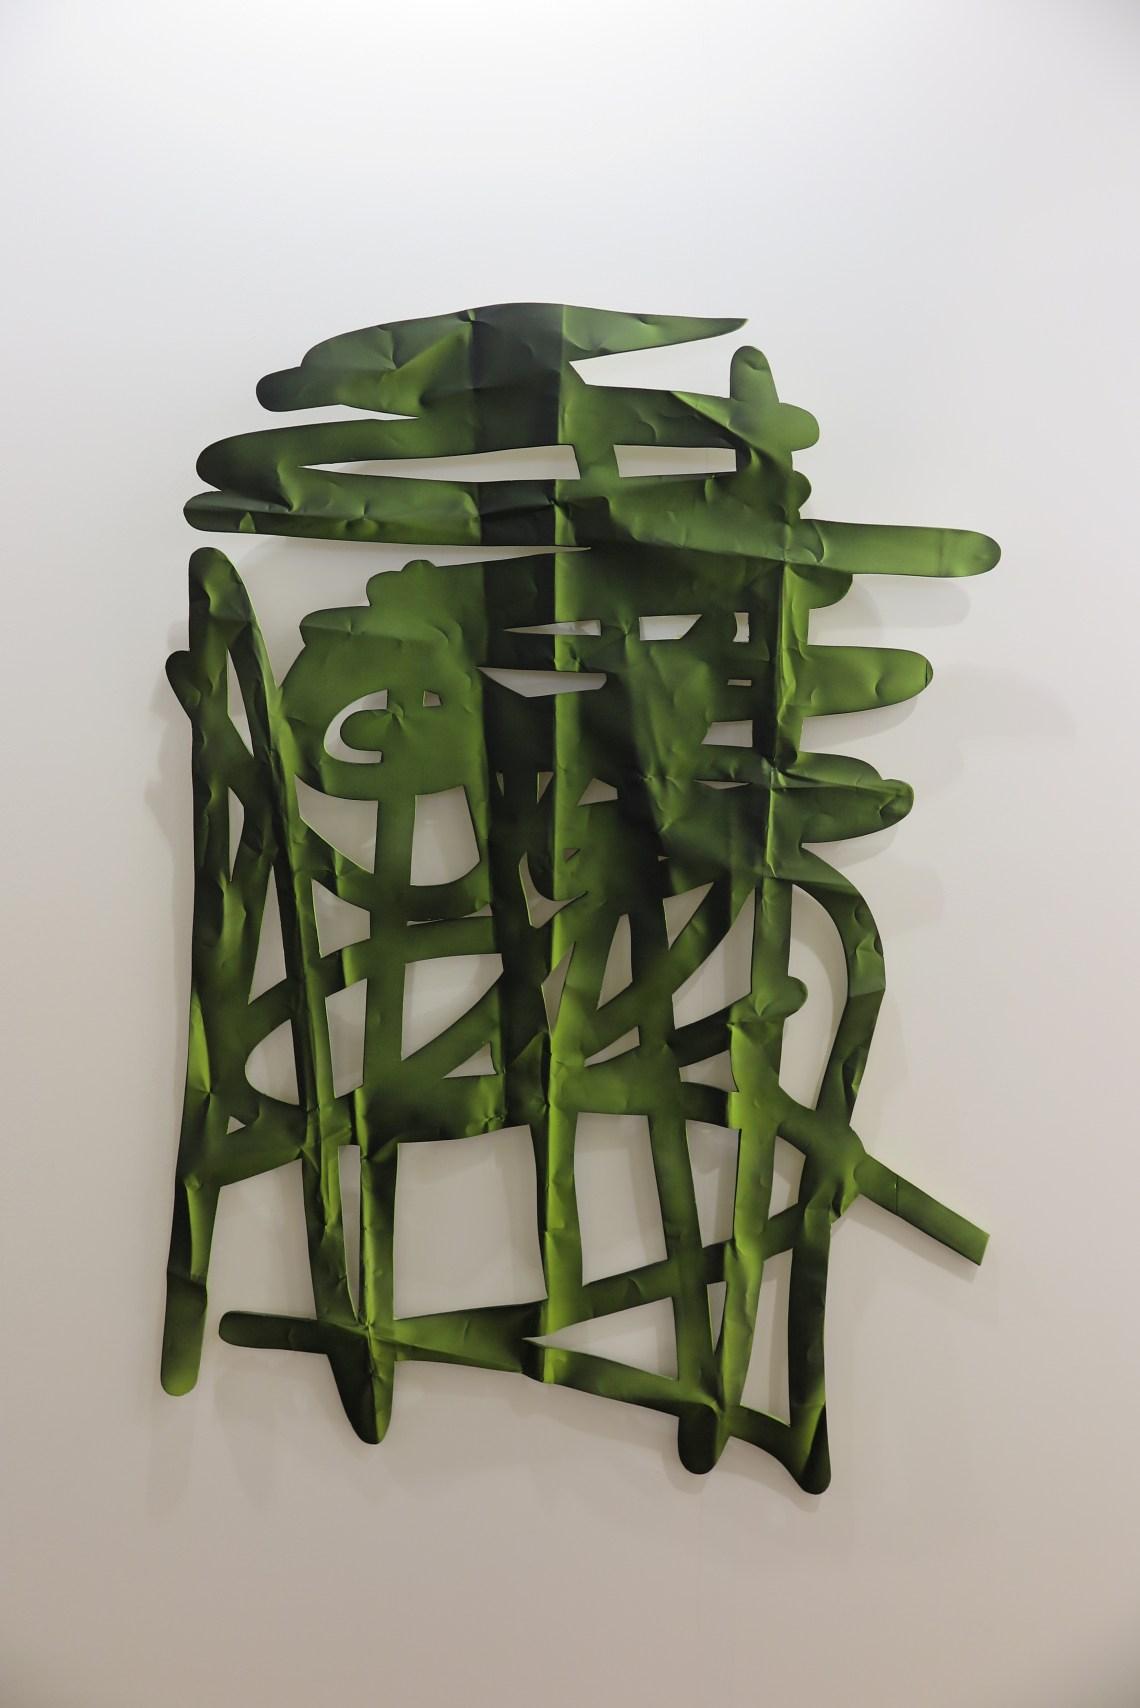 Galerie: Acappella, kunstenaar: Pennacchio Argentato (New)